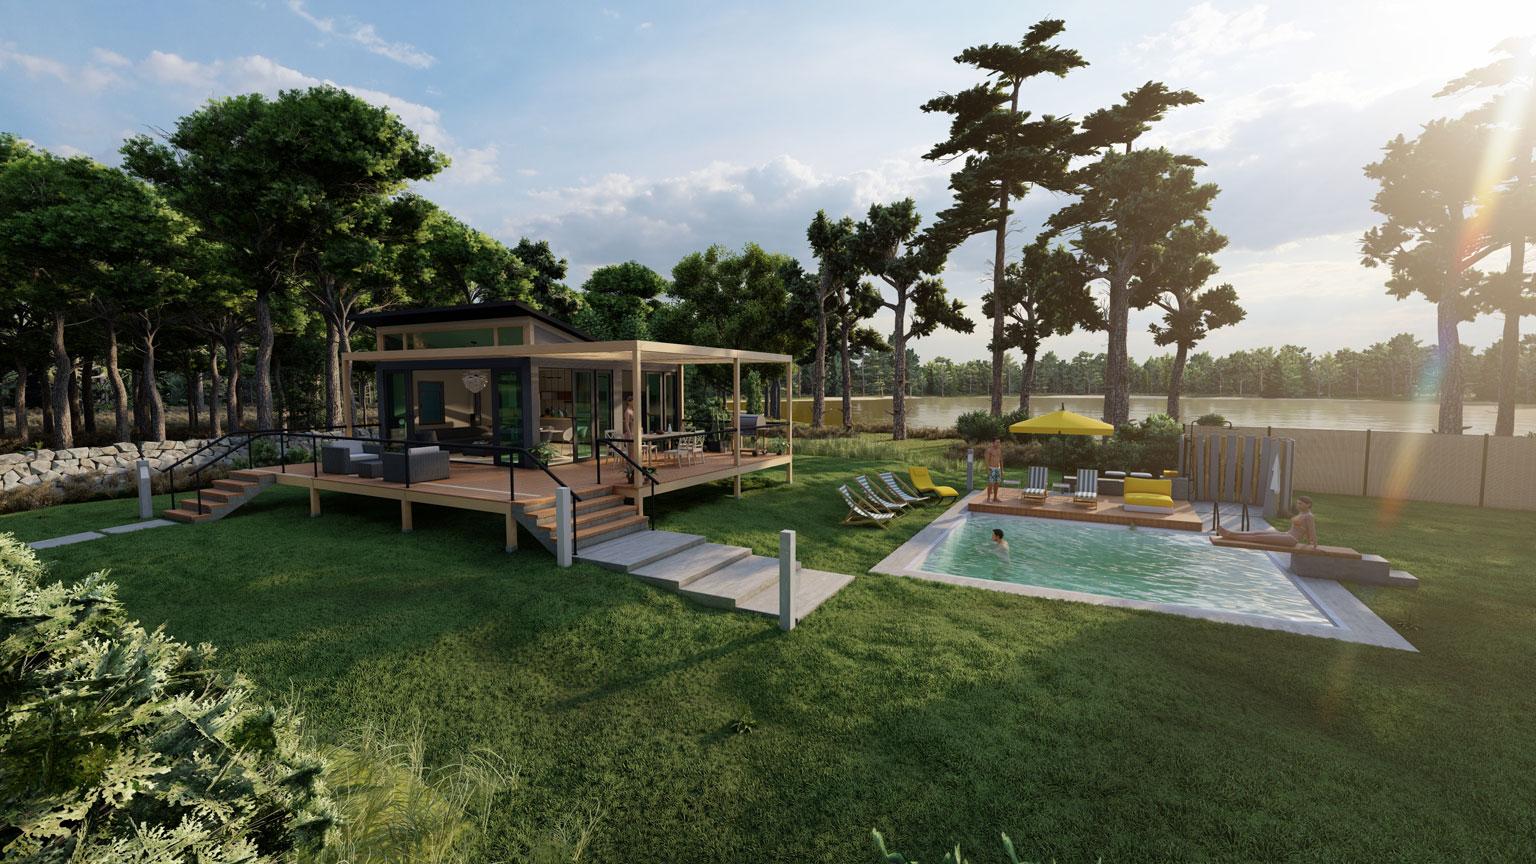 tourismus-Modulbau-see-Lounge-camping